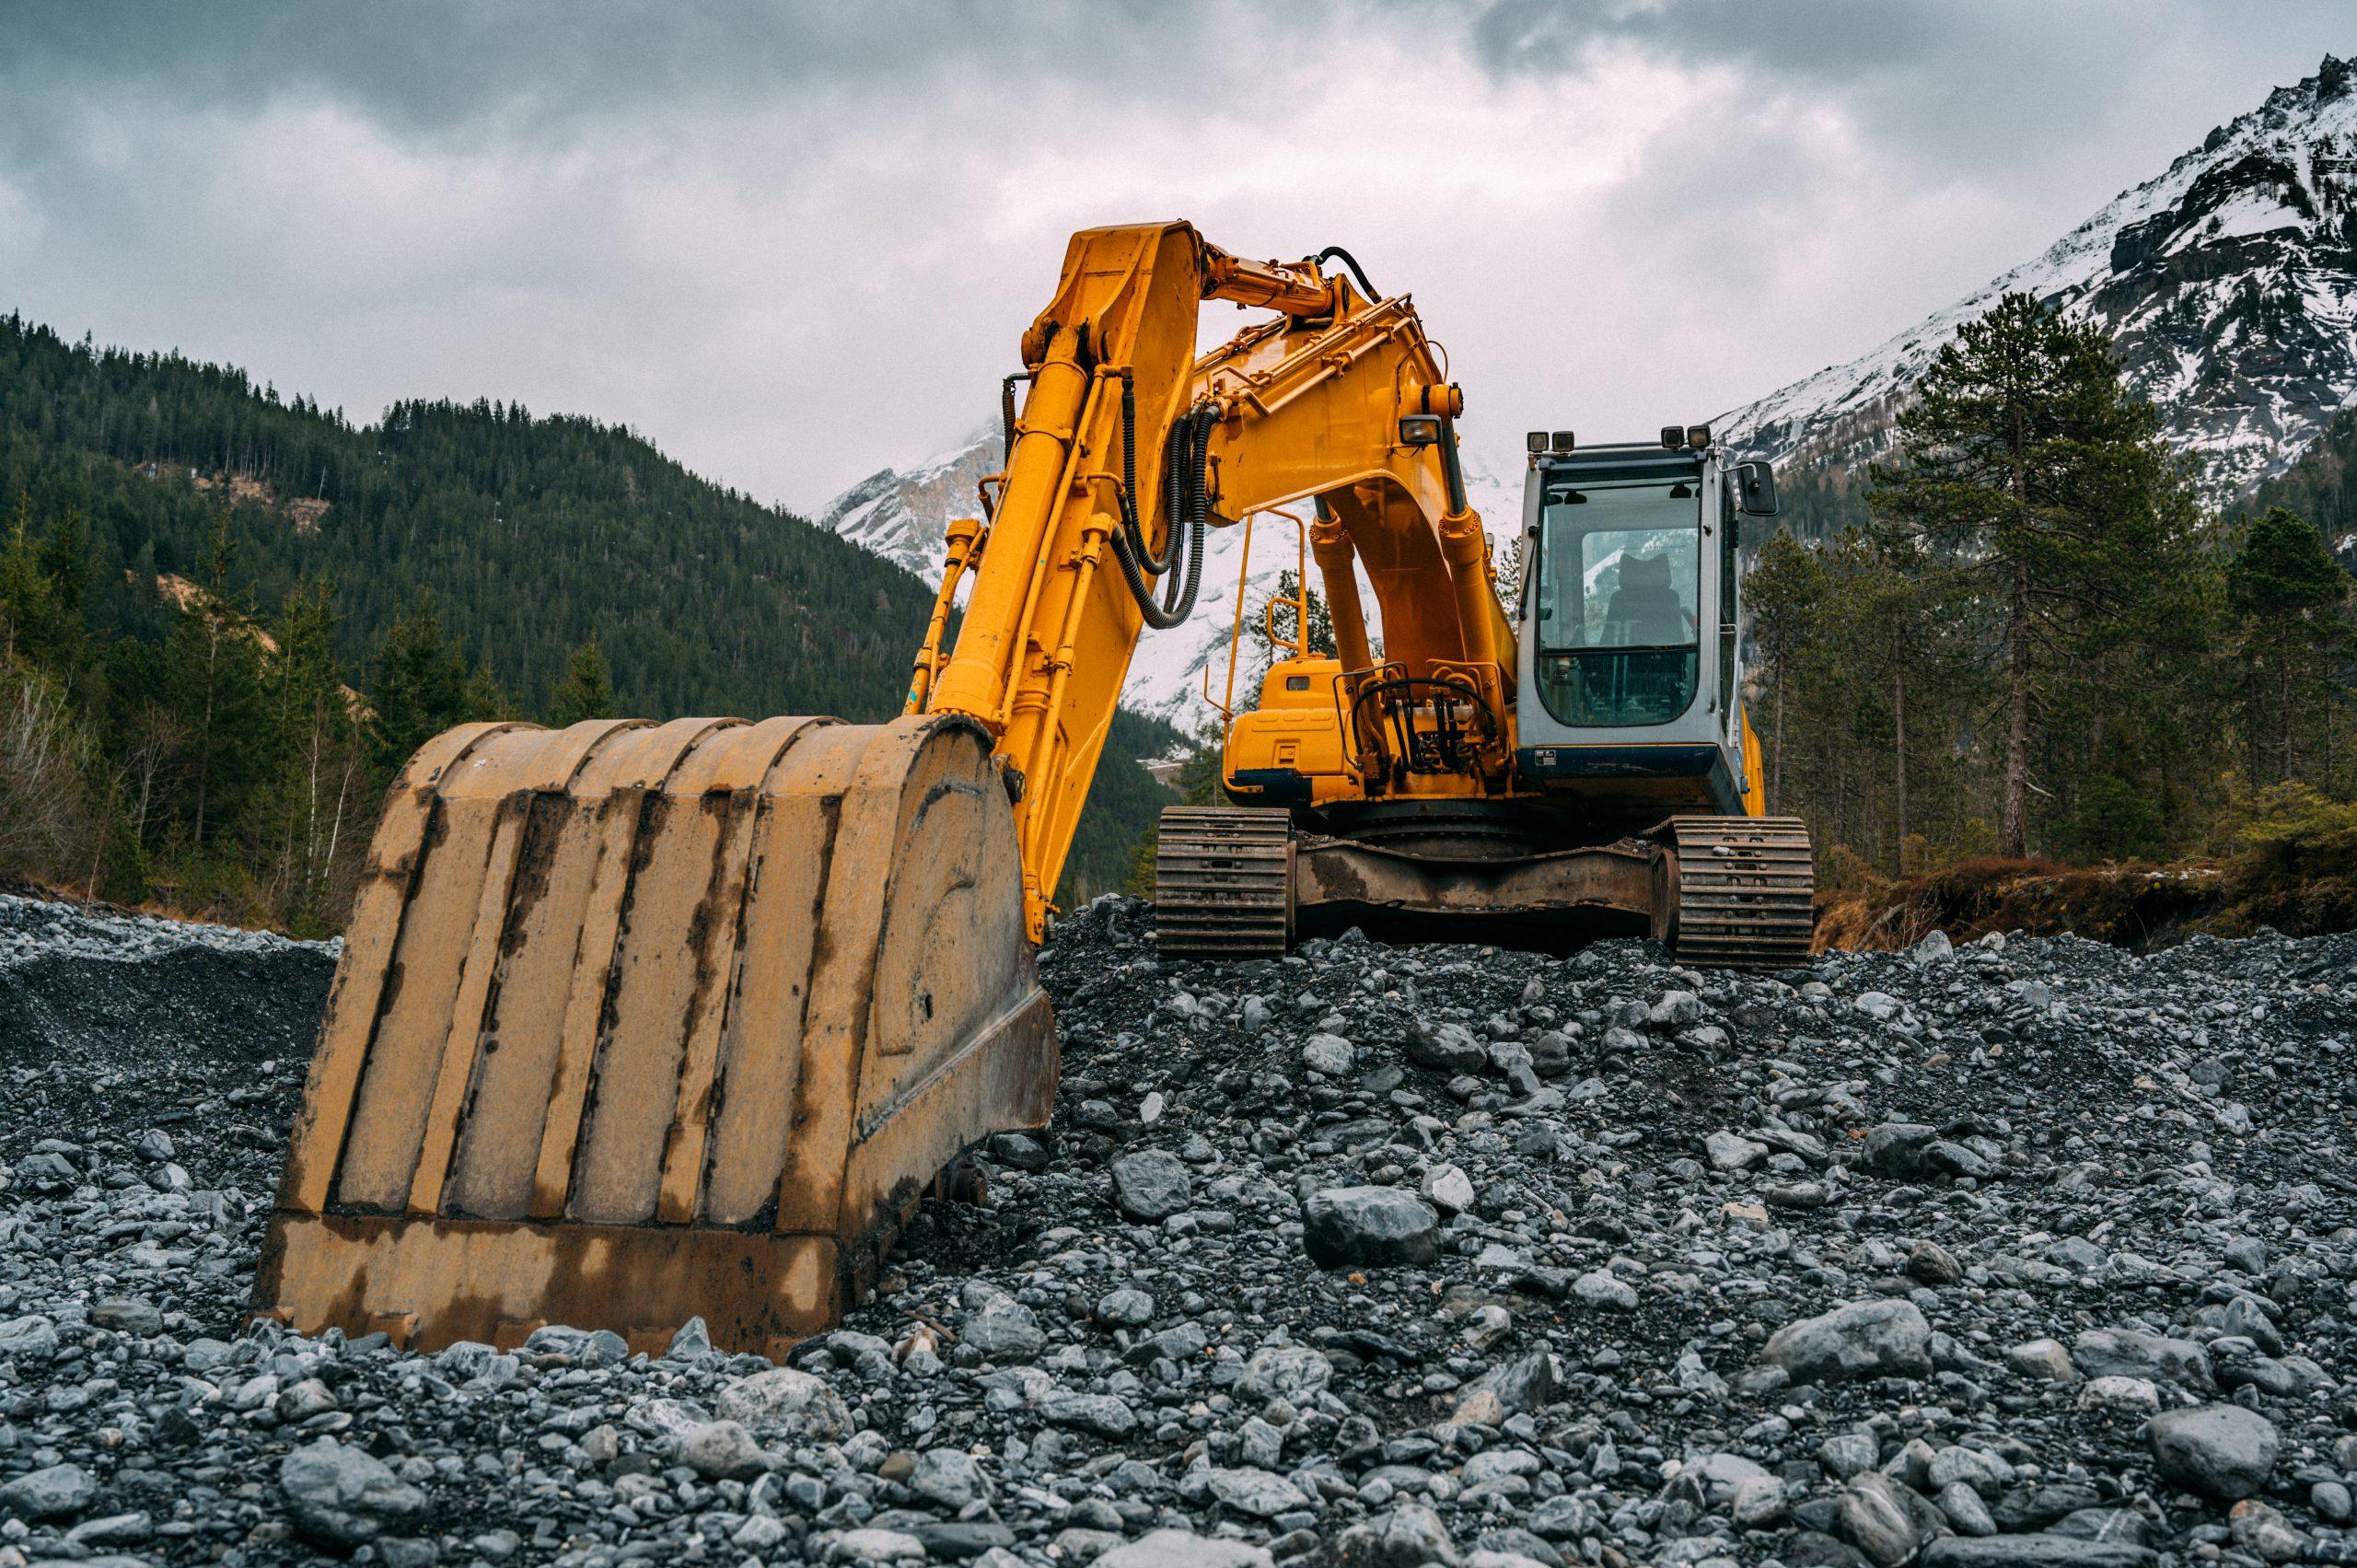 Excavation Contractor Business